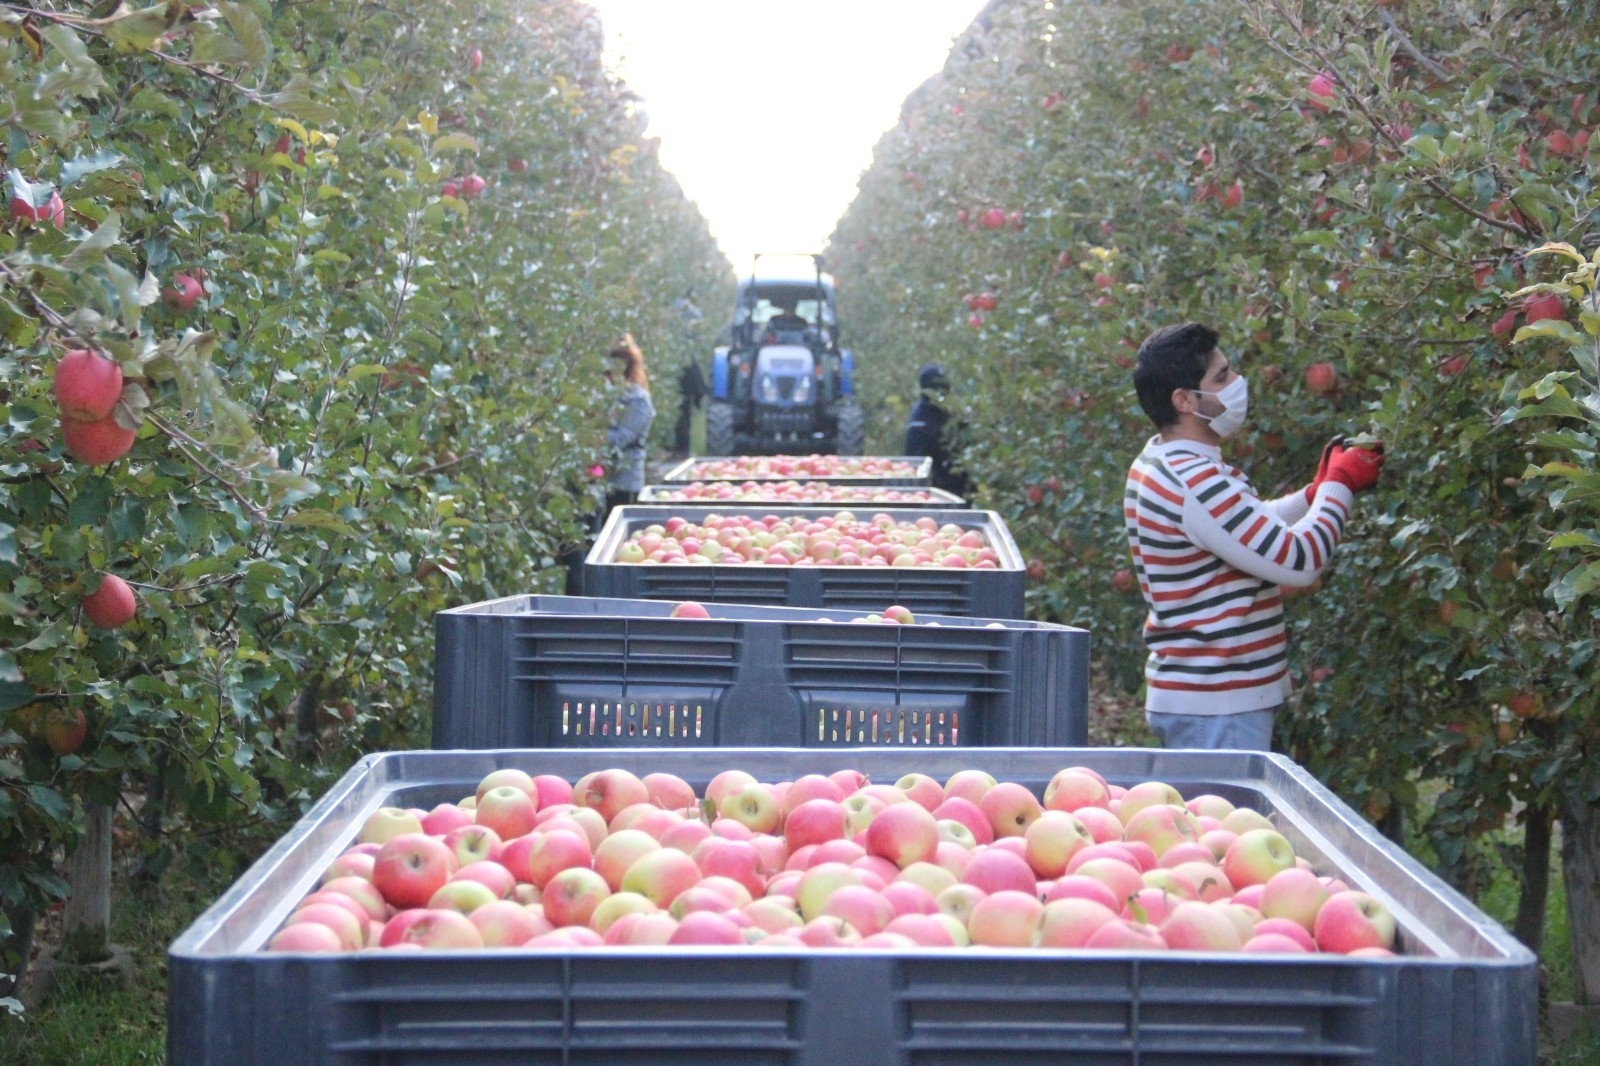 2021/09/karamanda-gunluk-13-bin-kisi-elma-toplamaya-gidiyor-20210915AW41-3.jpg